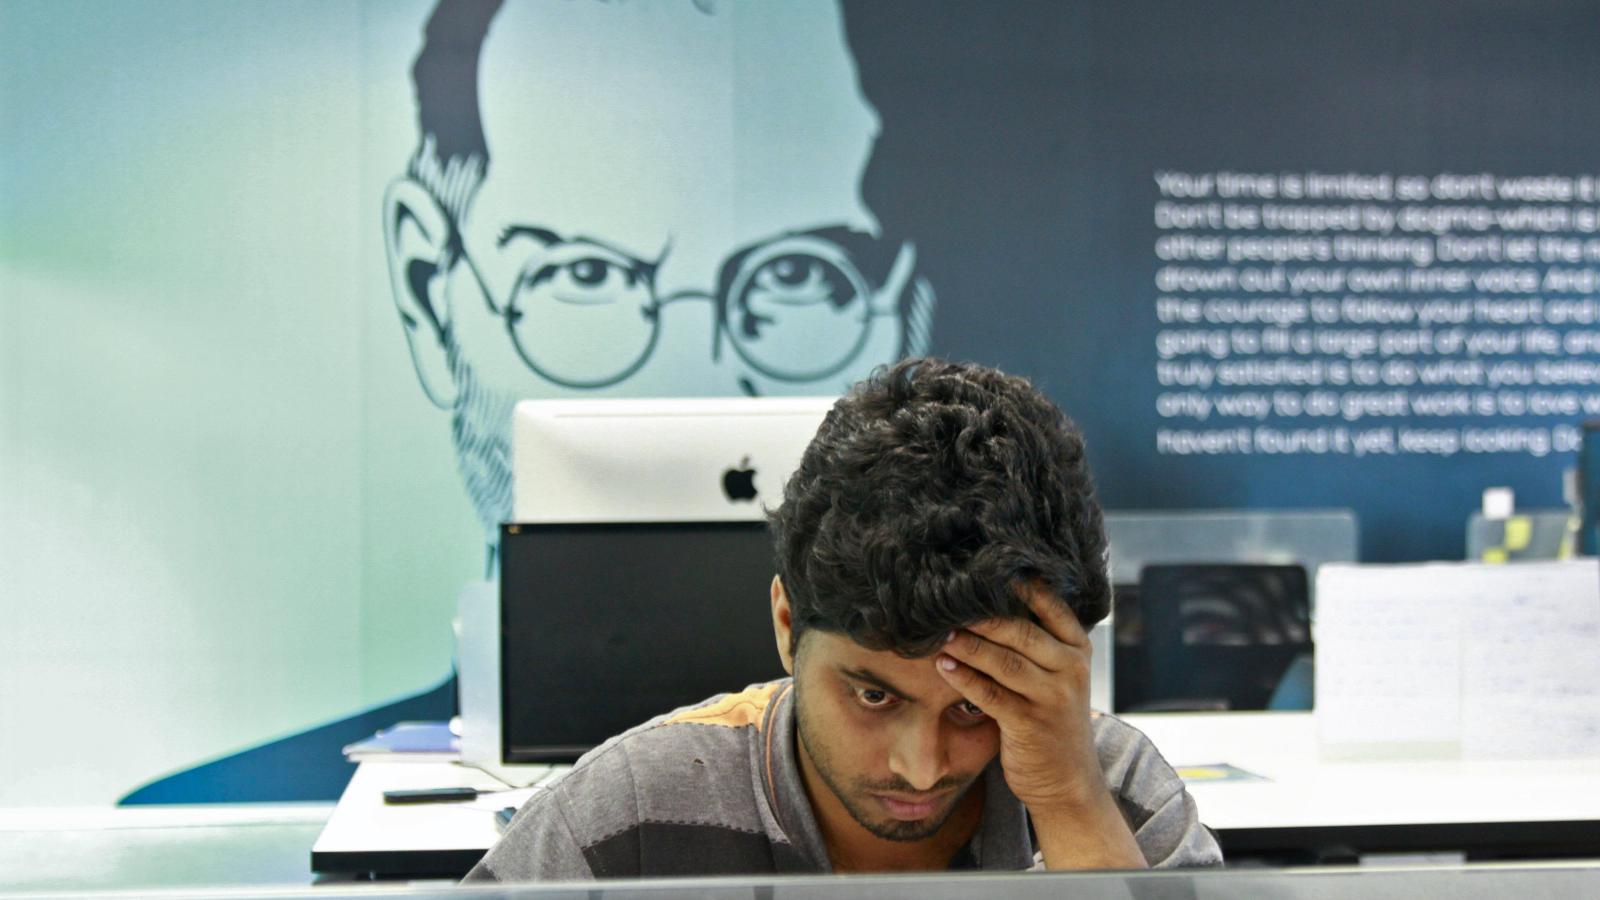 ЧЕРВИВЫЙ APPLE: Силиконовая долина на протяжении десятилетий боготворила Стива Джобса и заплатила за это